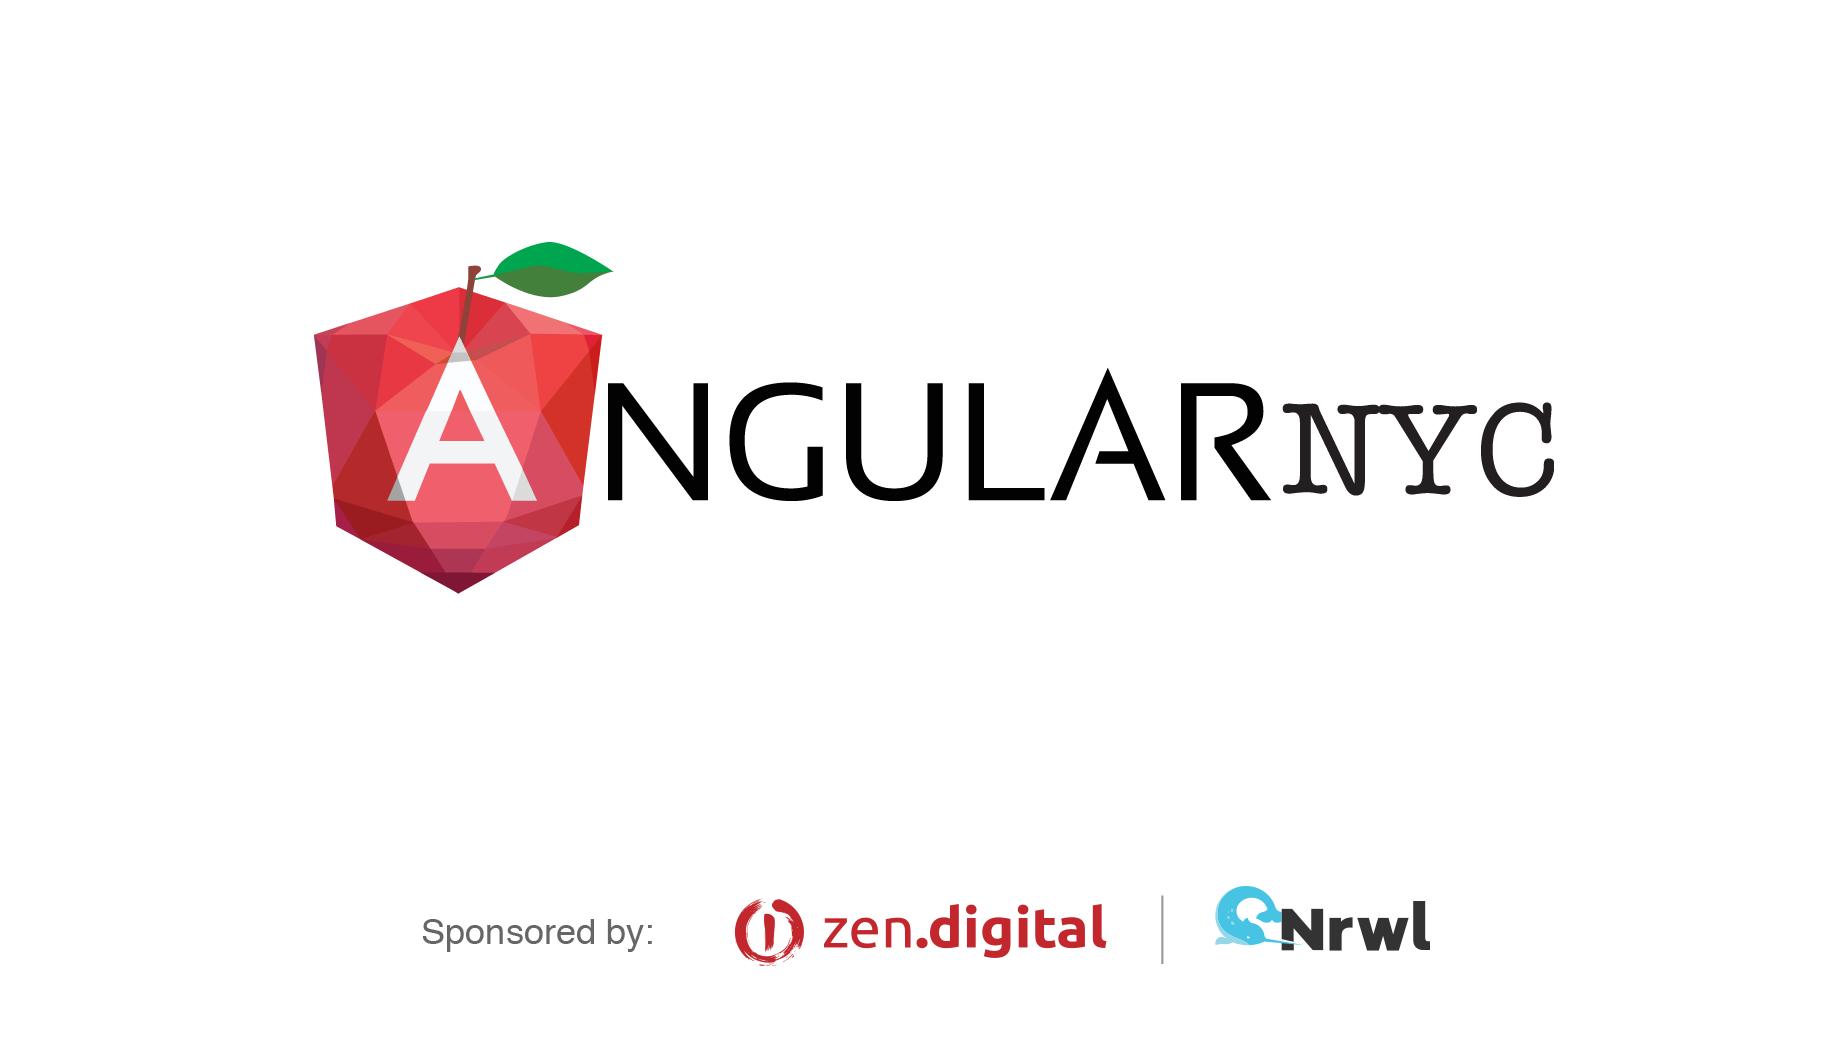 Angular NYC